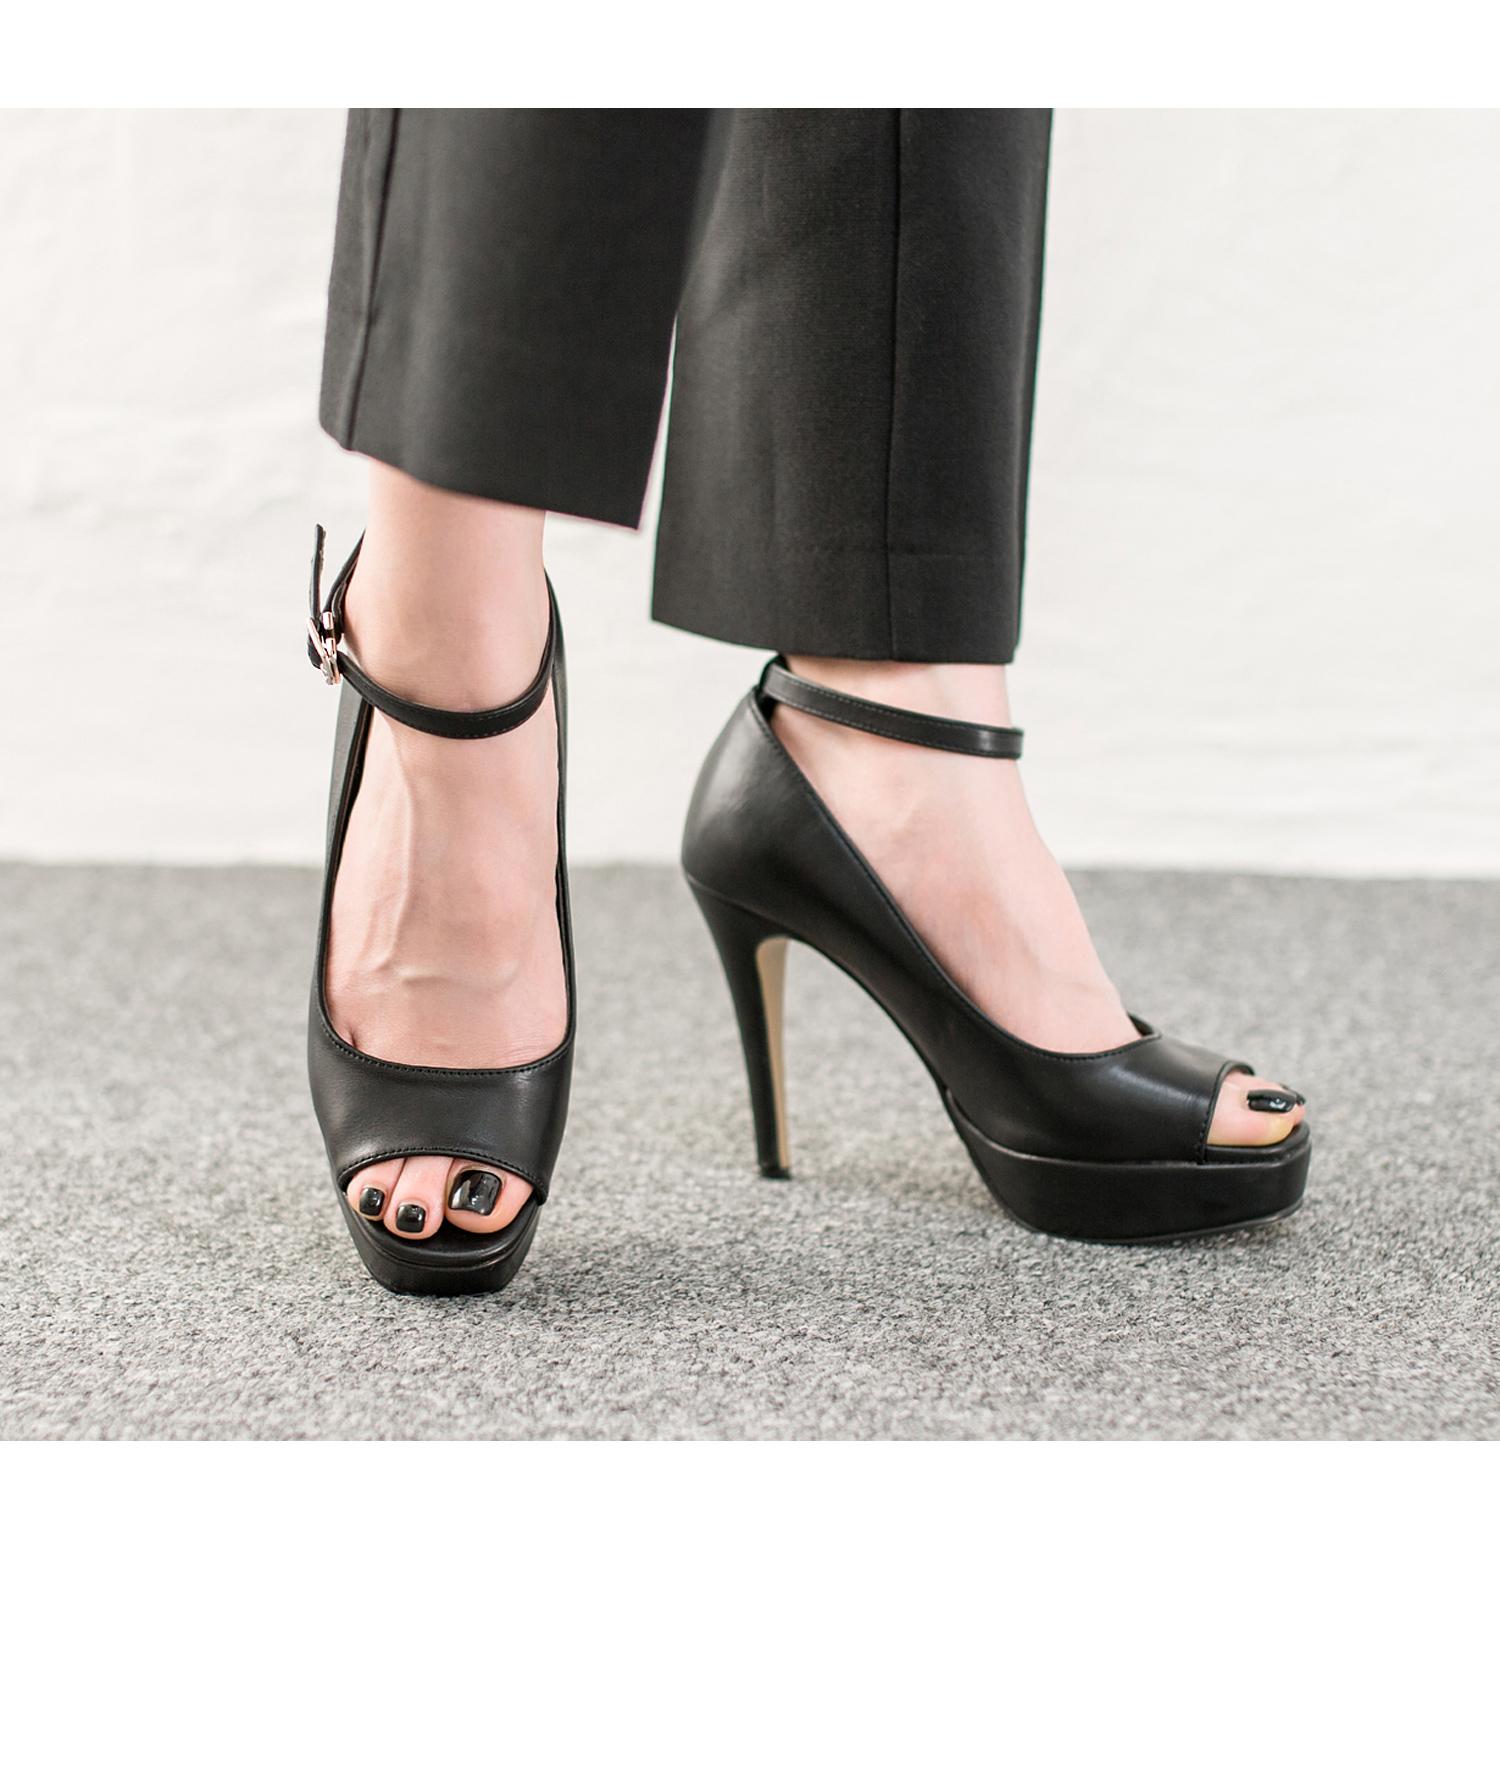 Peep Toe Platform Stiletto Heel Pumps Annakastleshoes Com